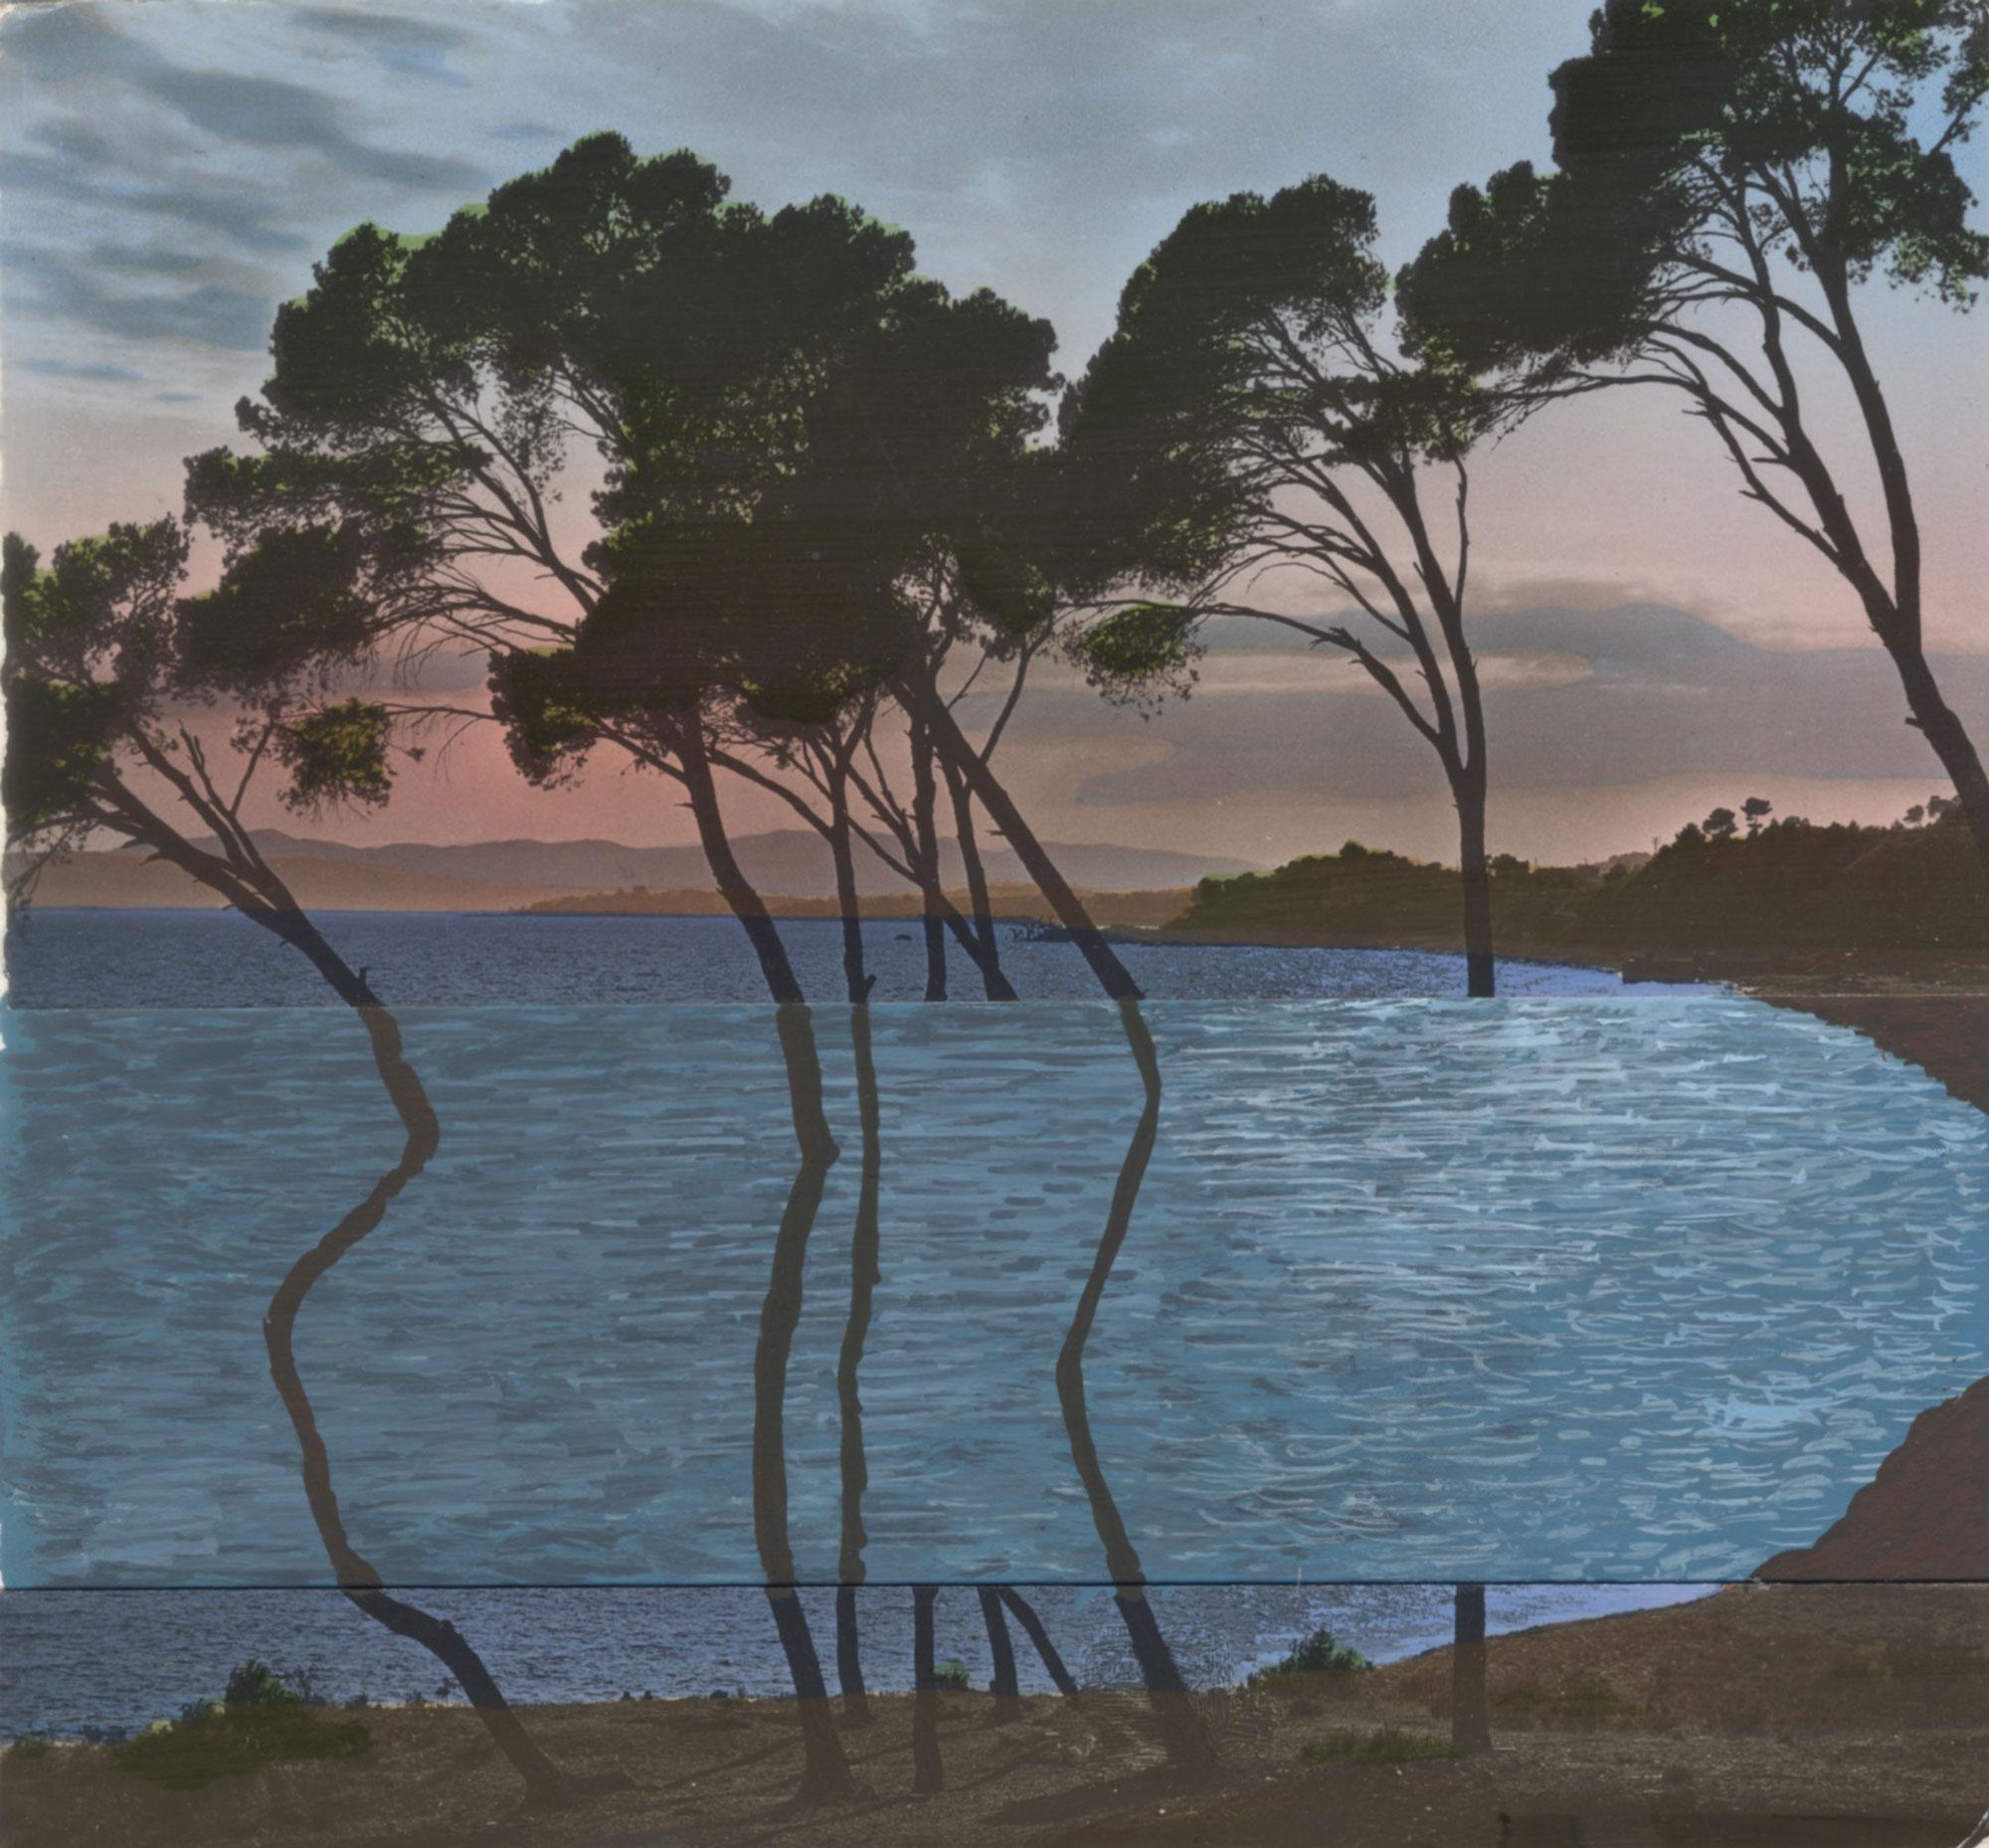 Mirages #20 Dessin sur carte postale, de Céline Dominiak